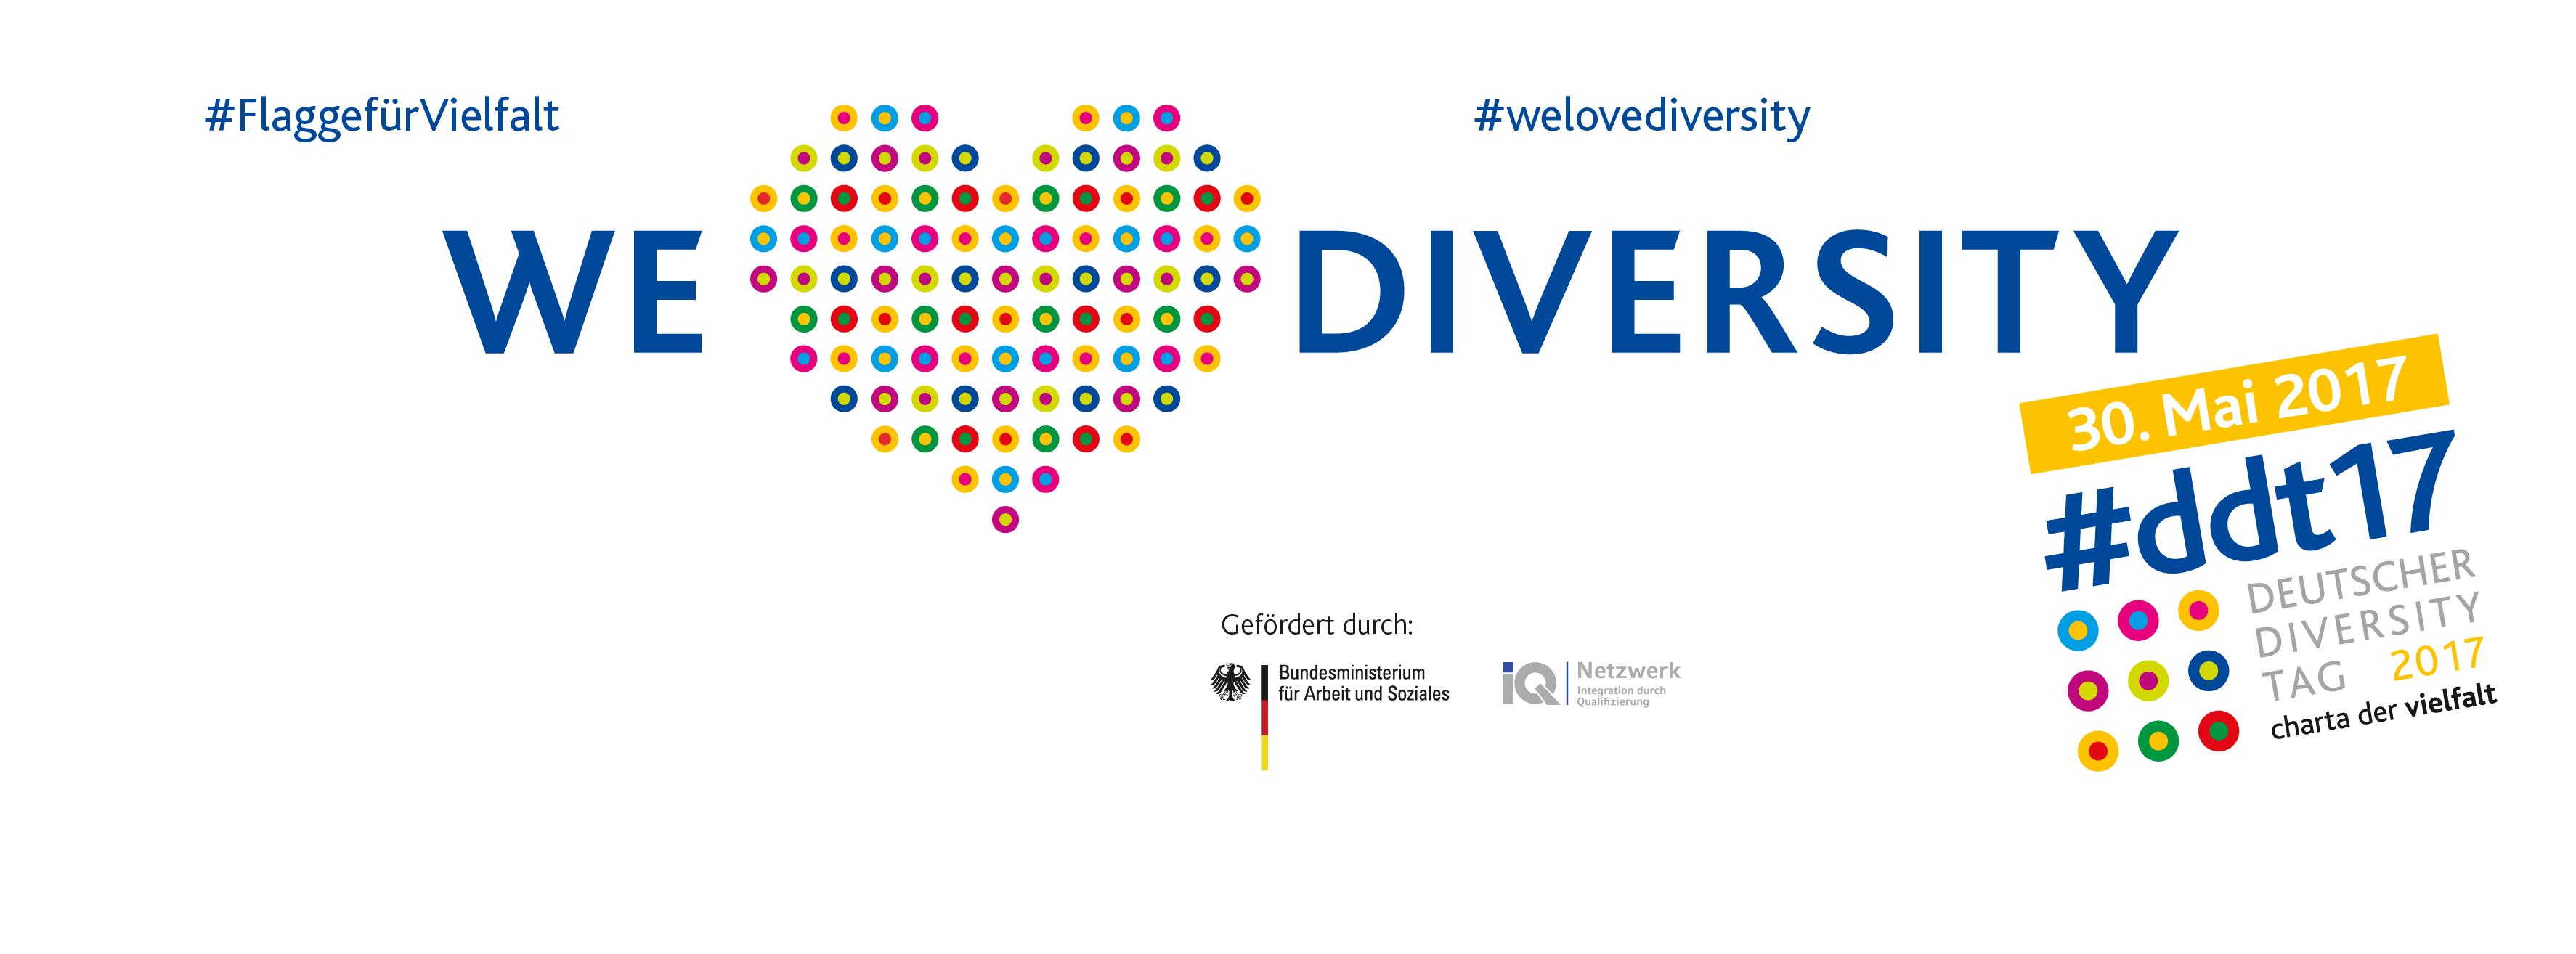 Diversity als Erfolgsgarant für die Zukunft